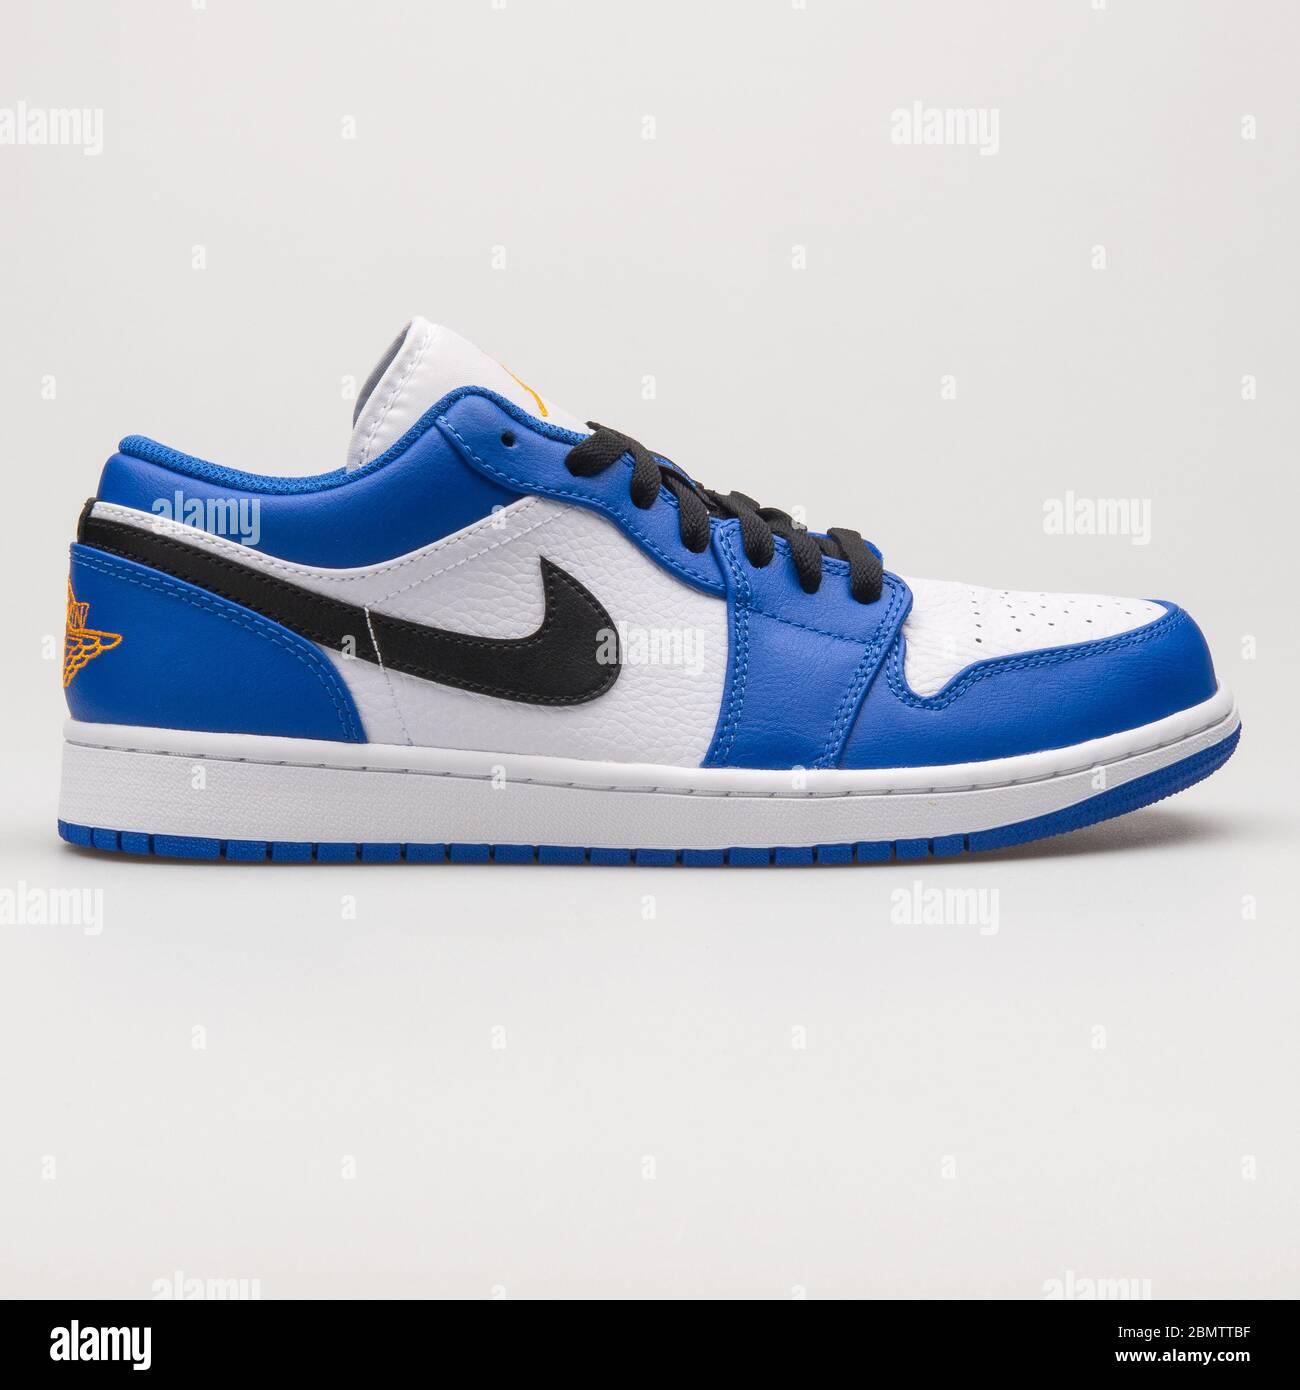 melodía Fuente Observar  VIENA, AUSTRIA - 14 DE JUNIO de 2018: Nike Air Jordan 1 Zapatillas bajas  azules, negras y blancas sobre fondo blanco Fotografía de stock - Alamy